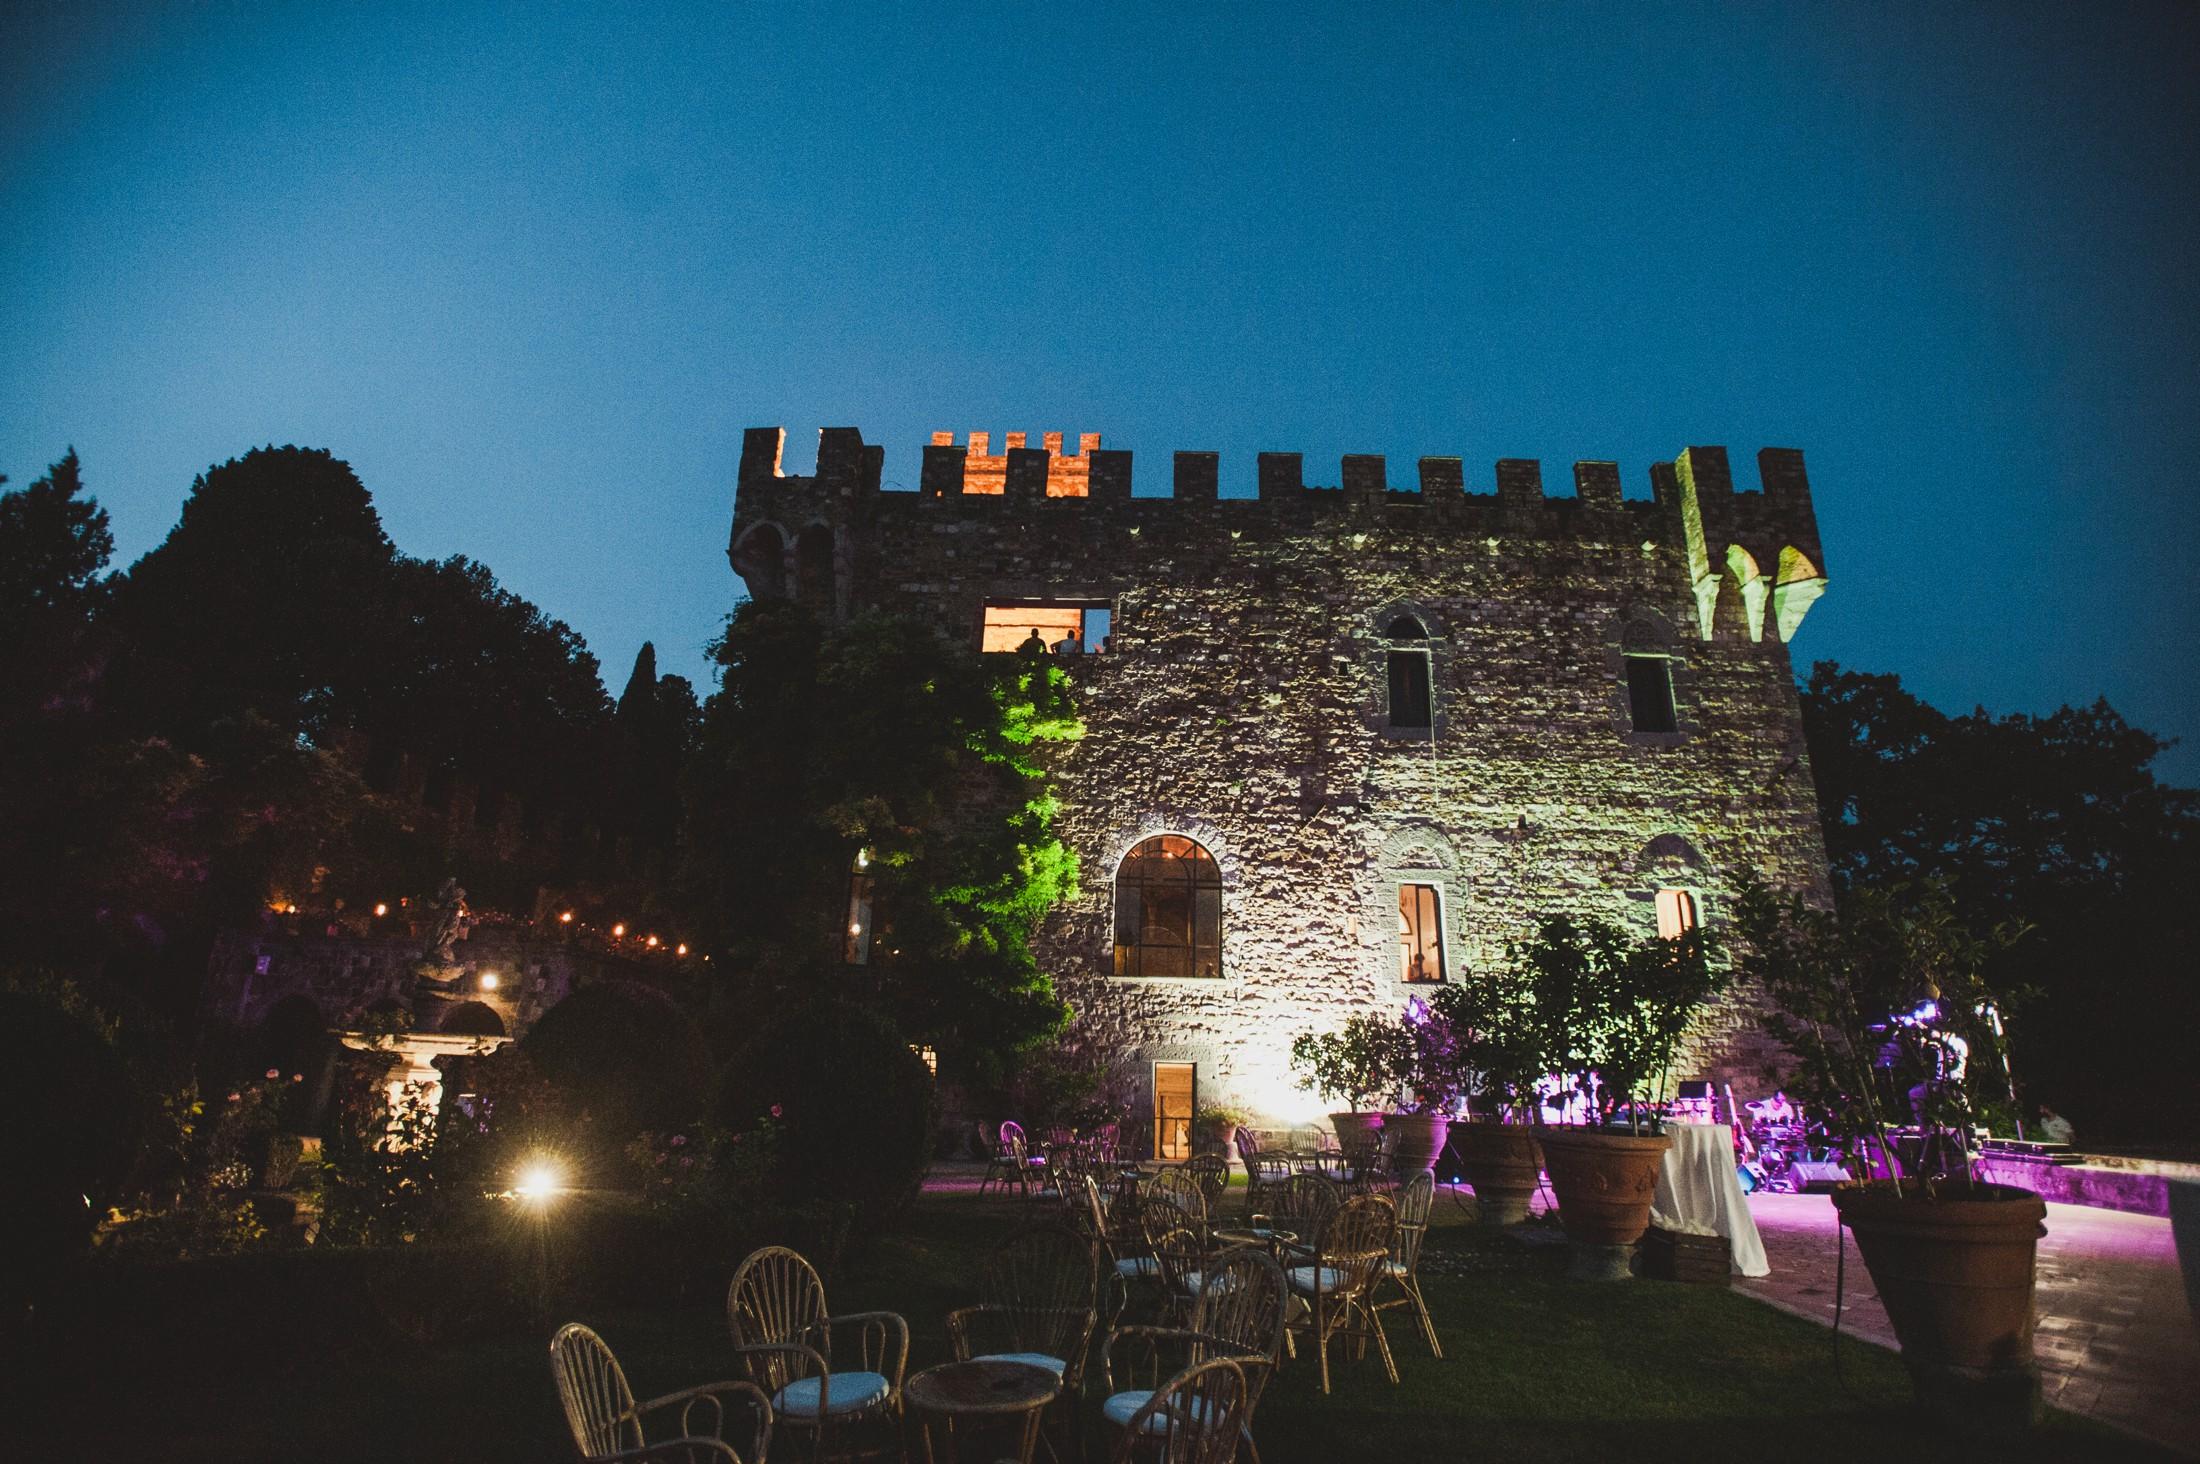 vincigliata castle by night